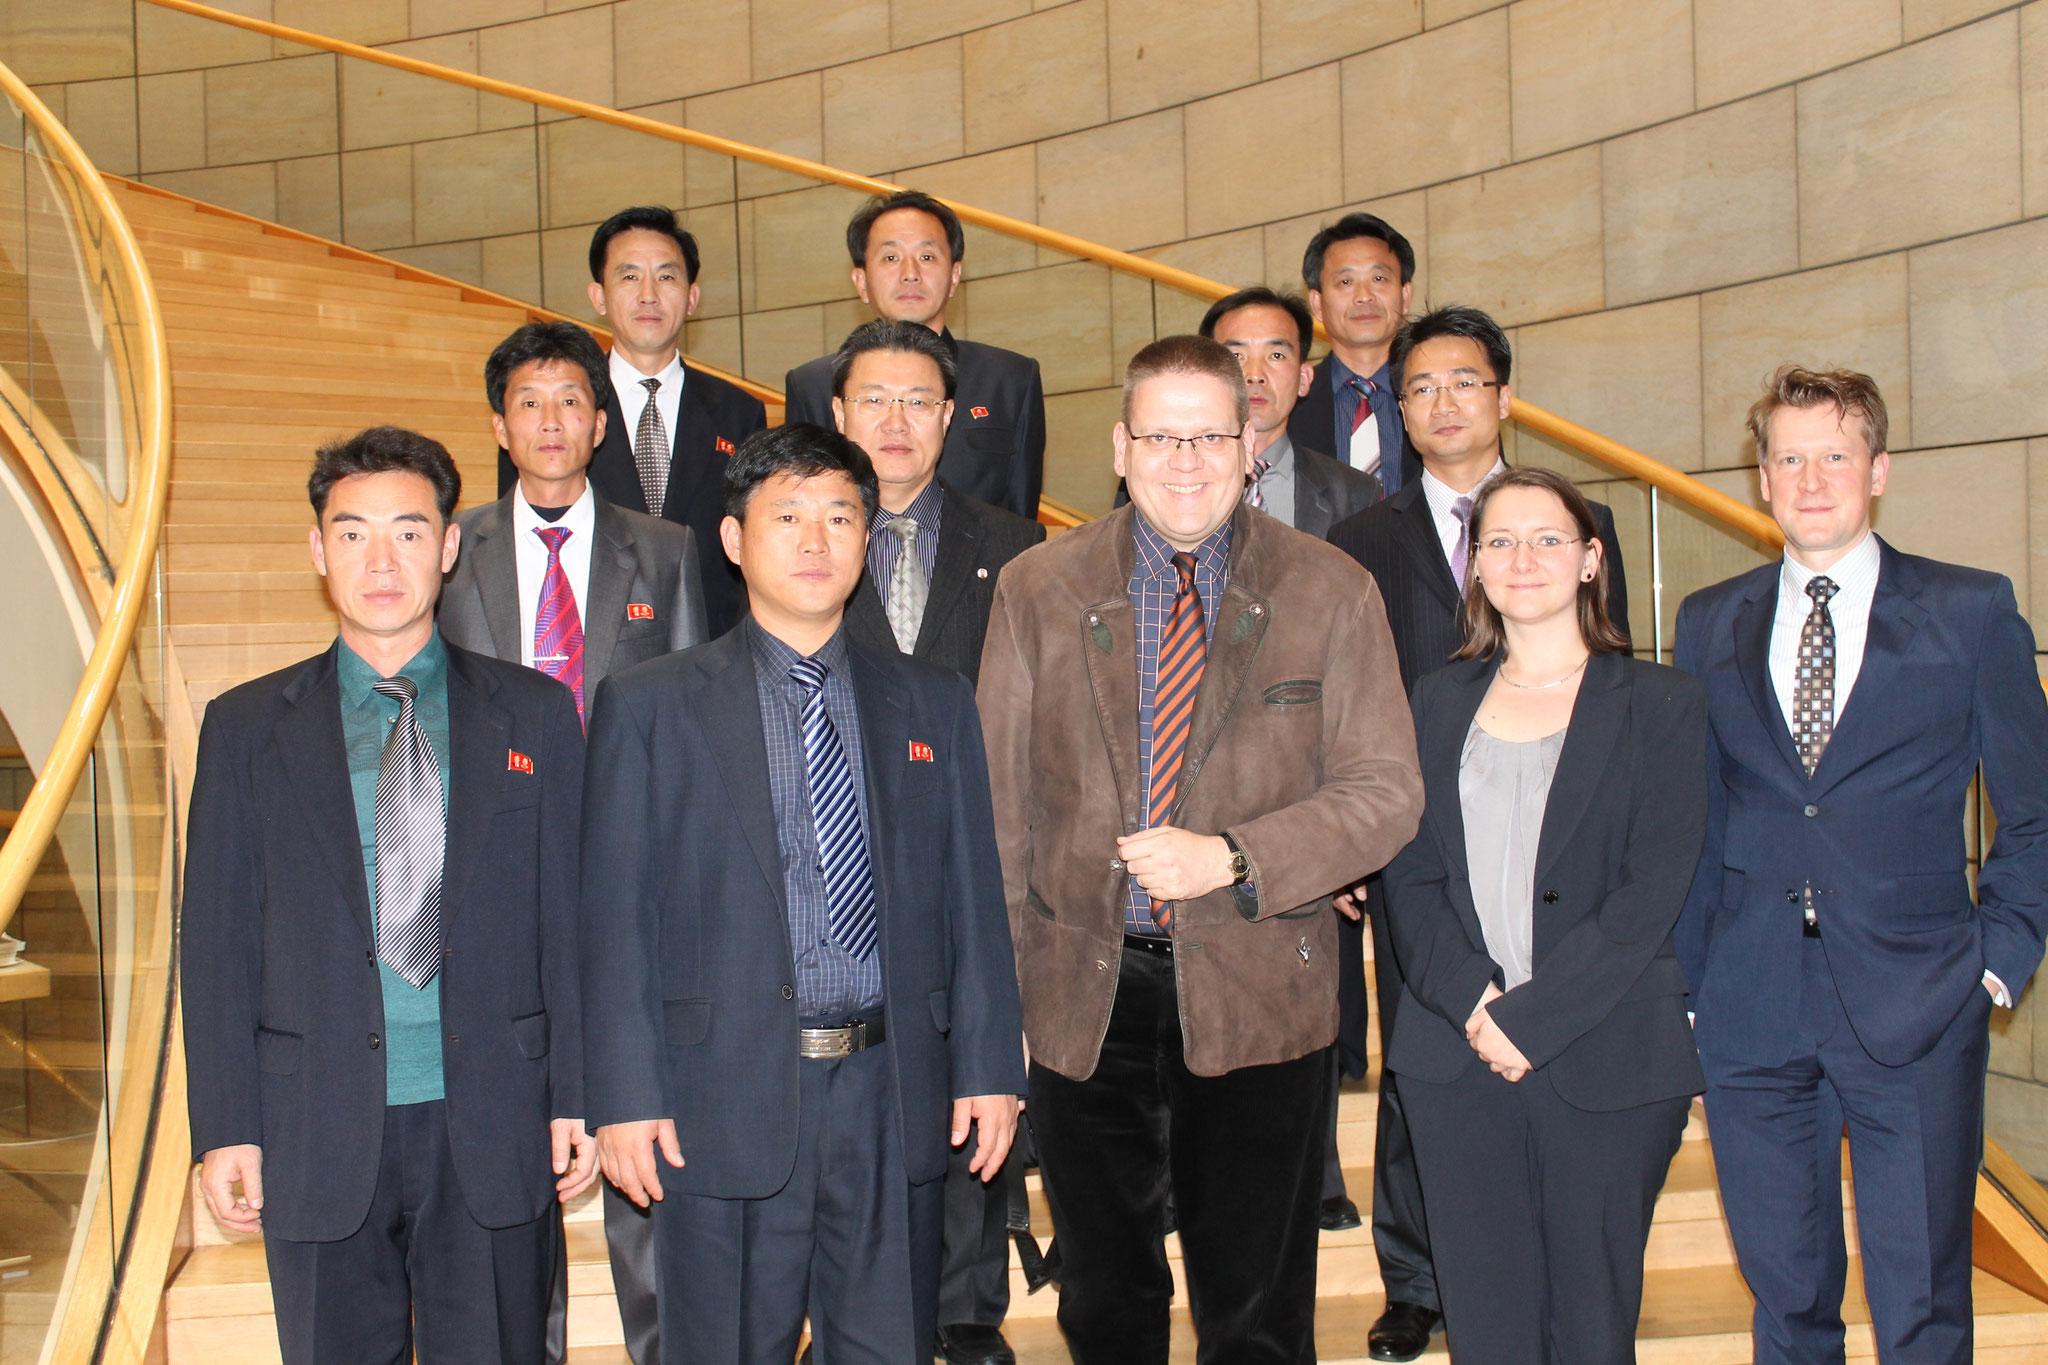 Gruppenbild im  Foyer des Landtags